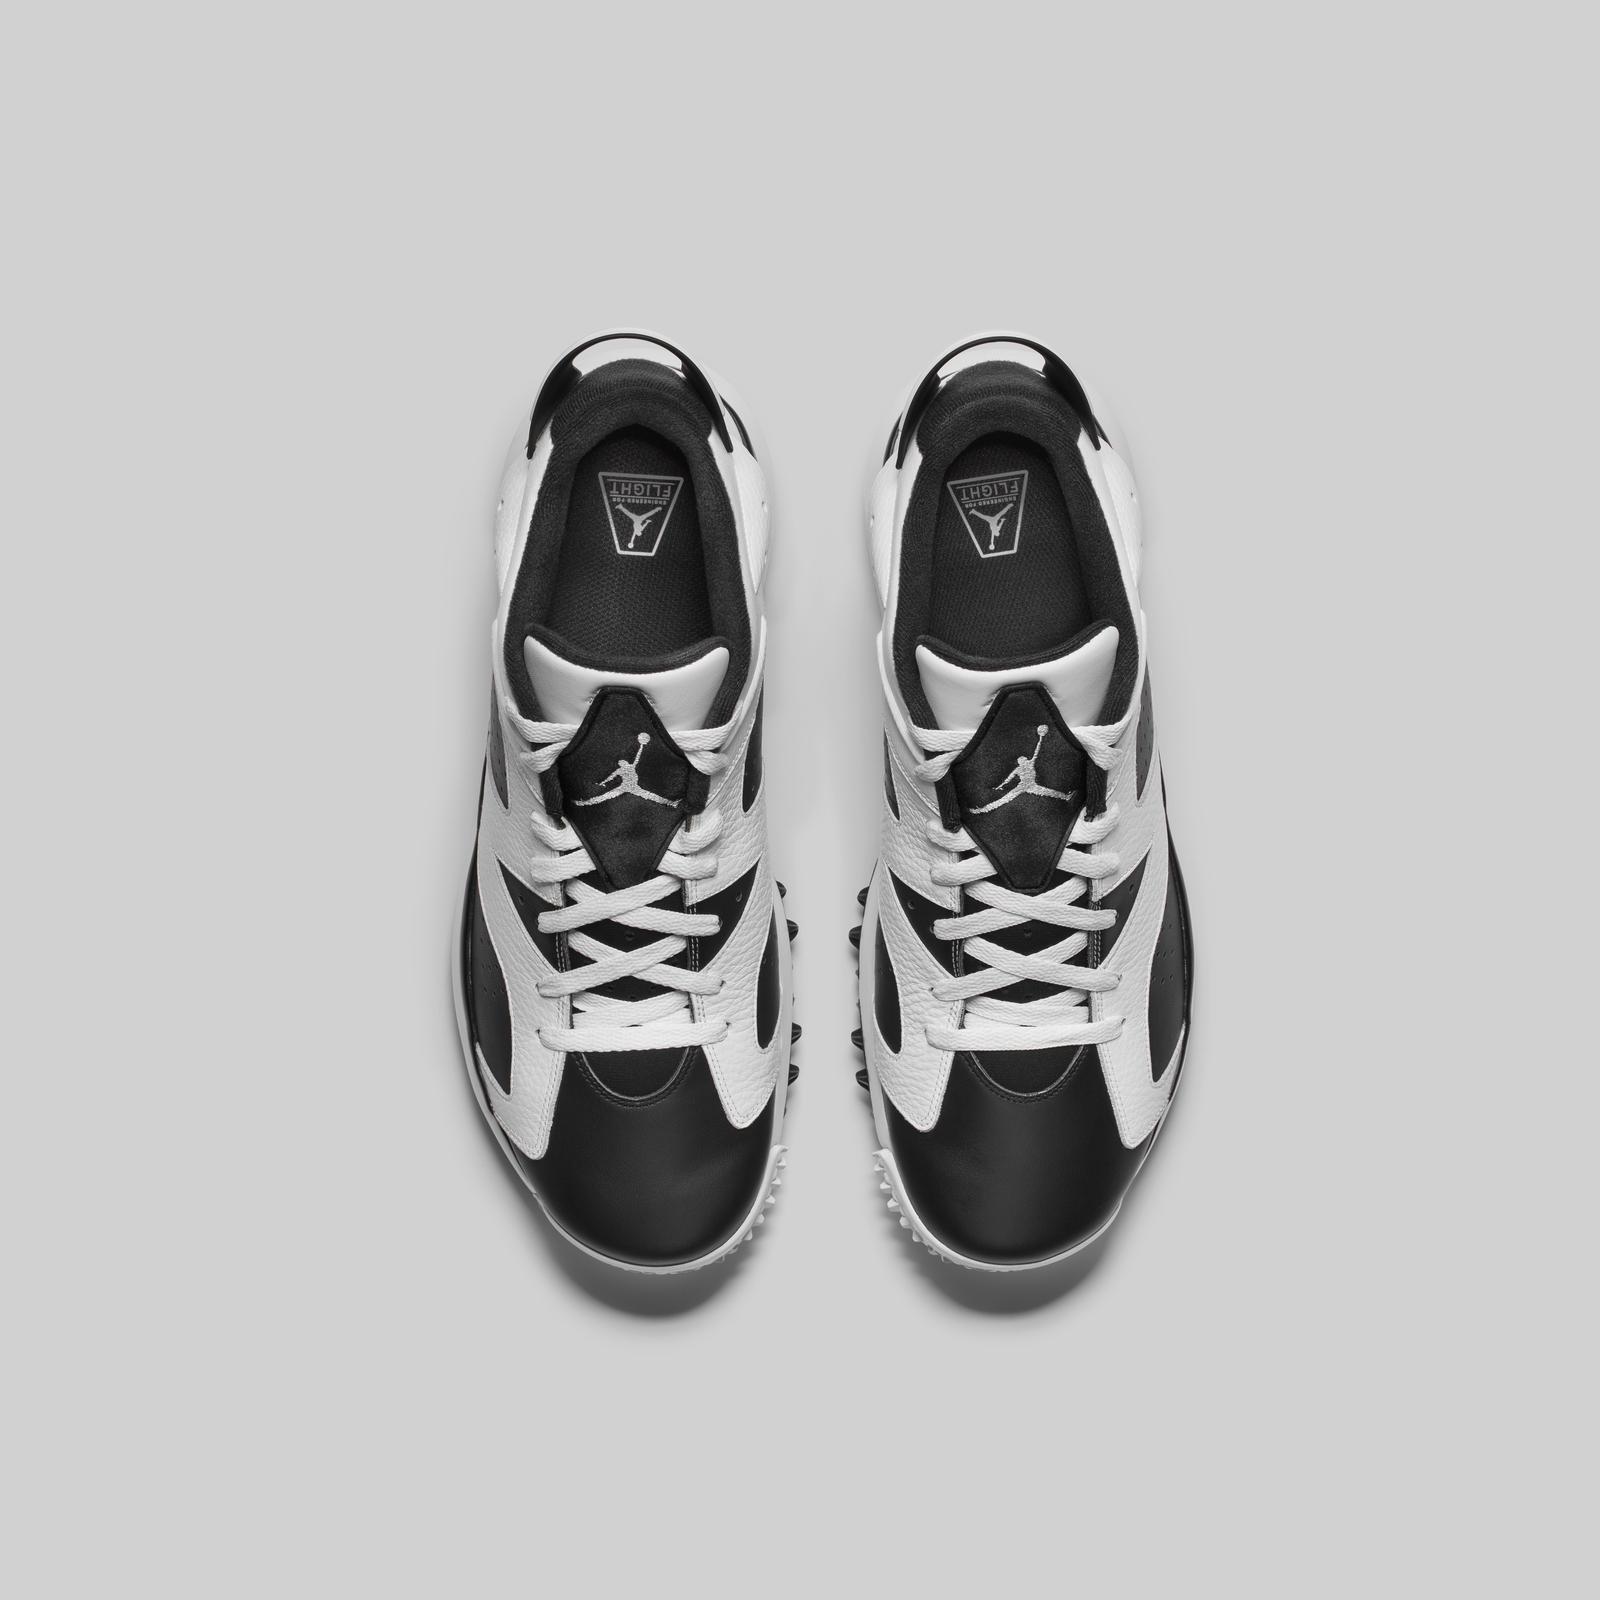 Air Jordan VI Golf Shoe